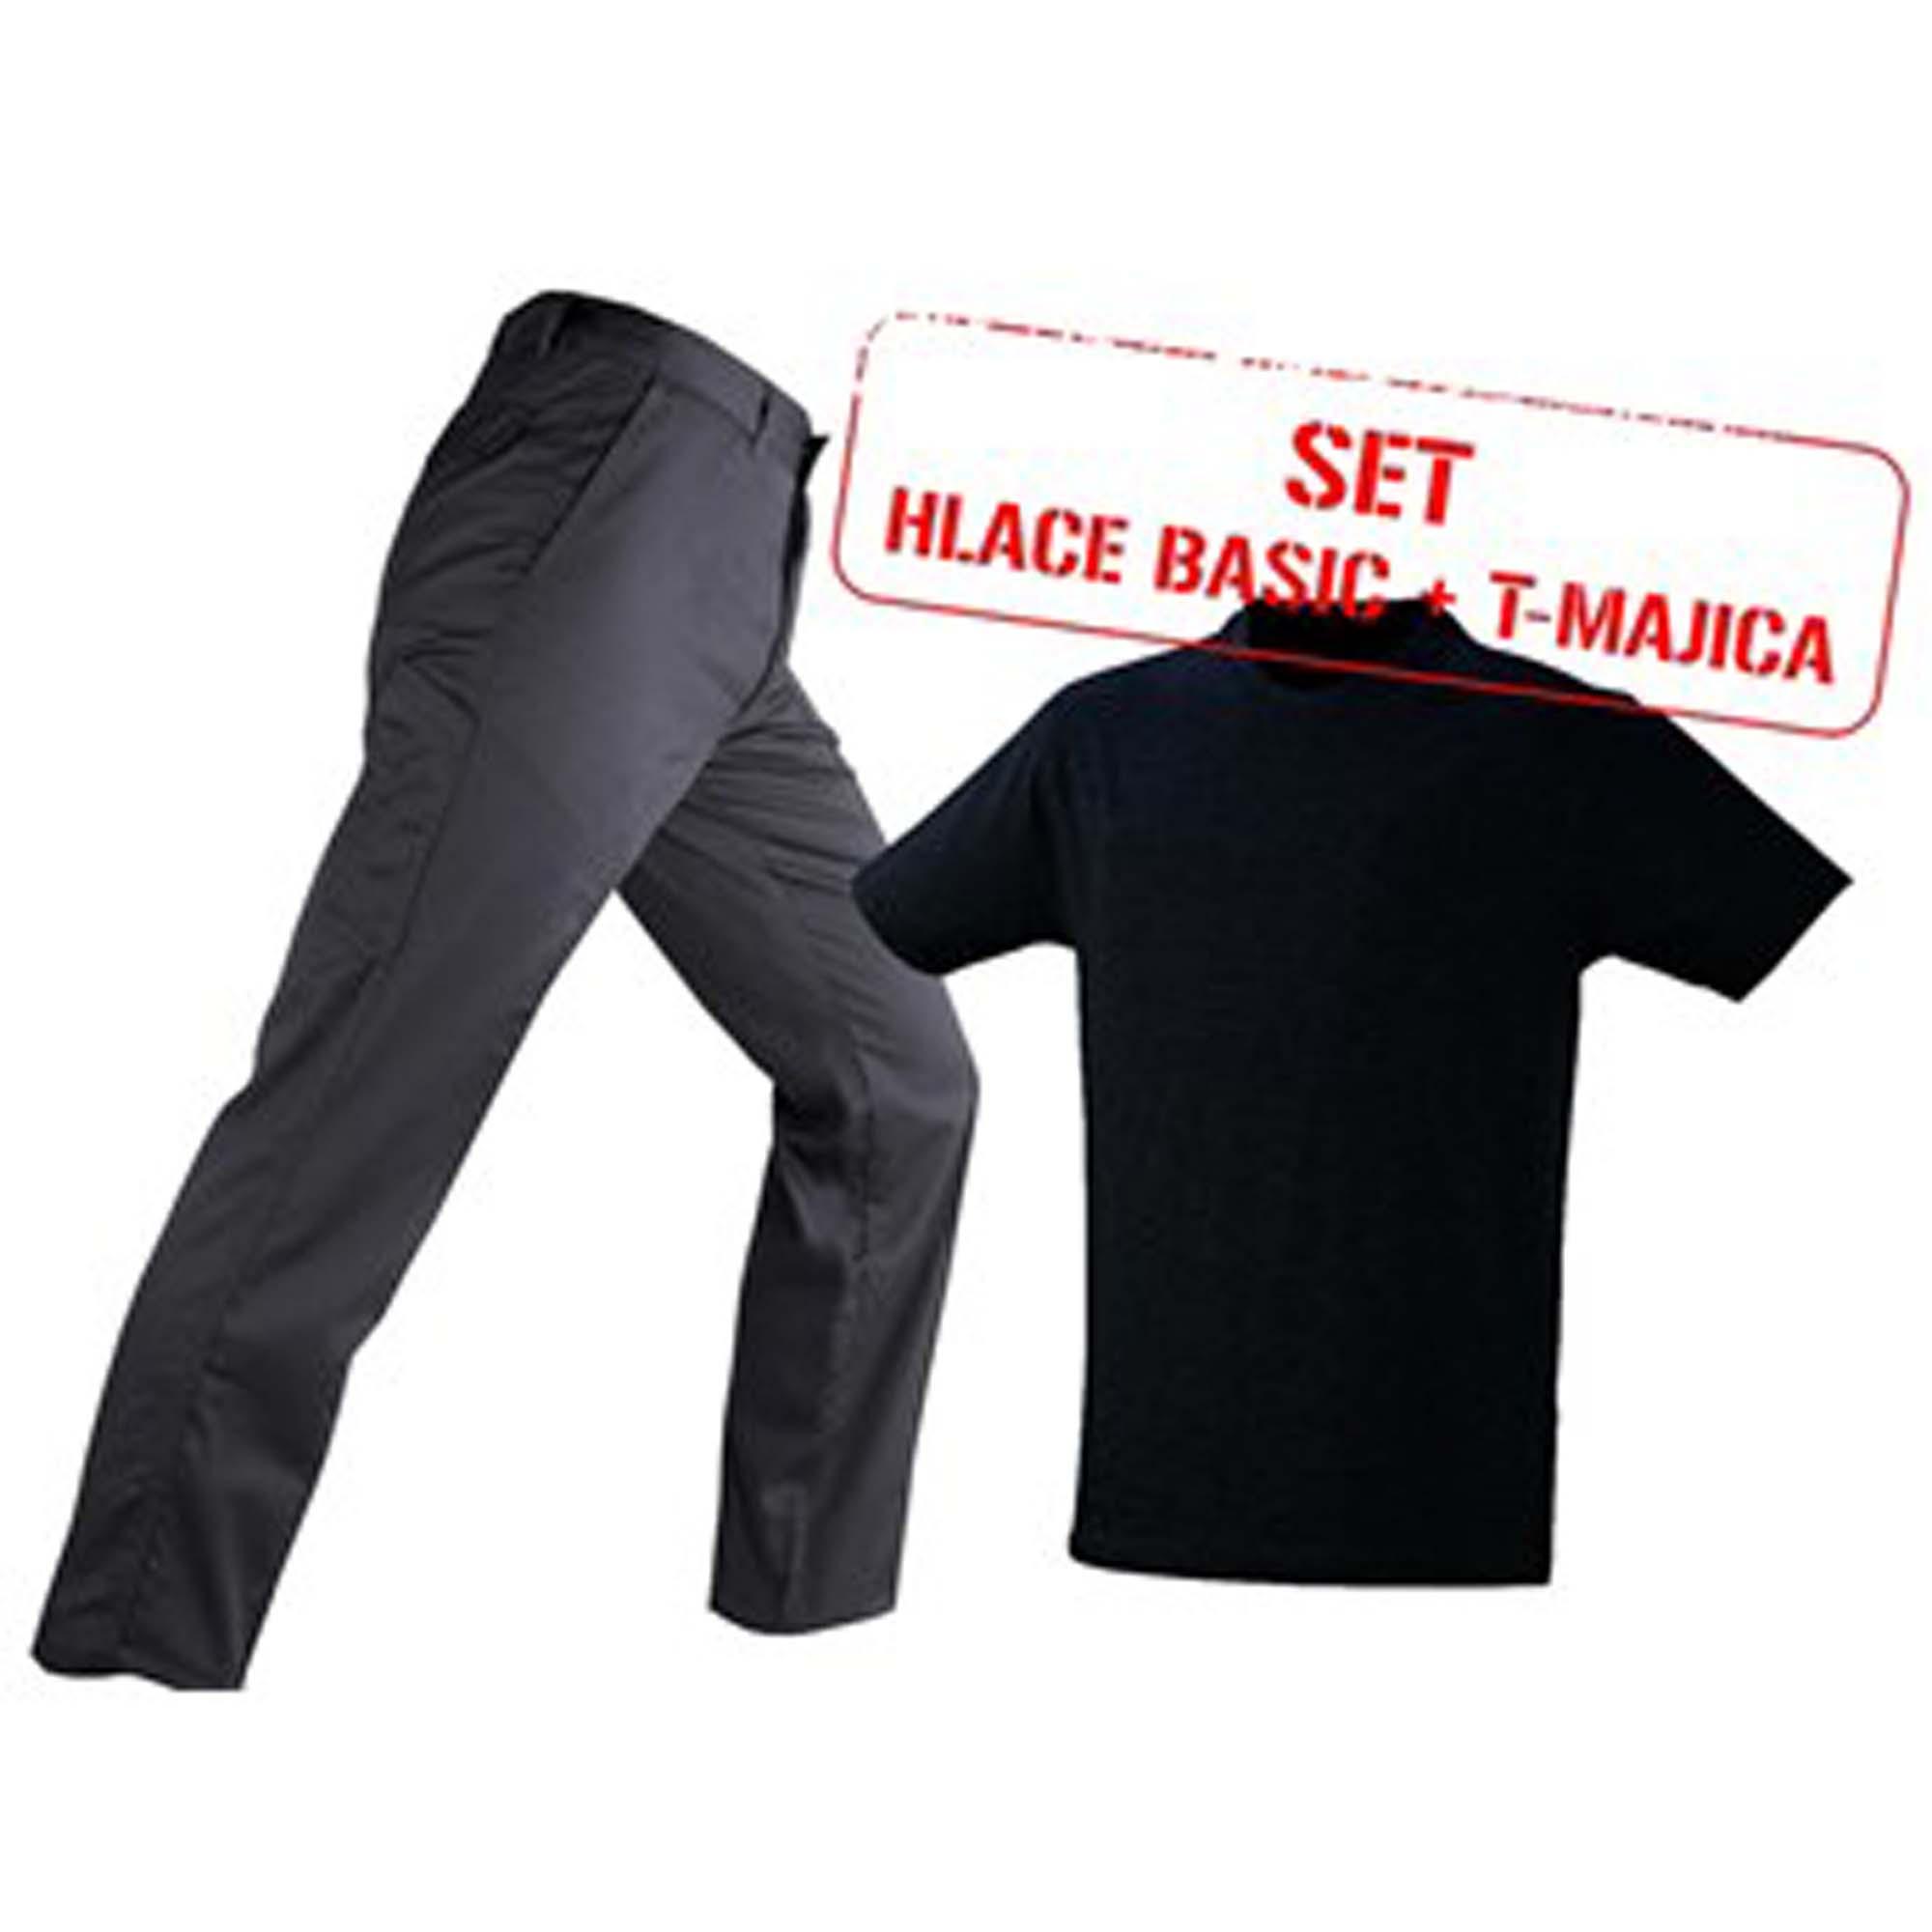 Set hlače BASIC sive T-majica, crna